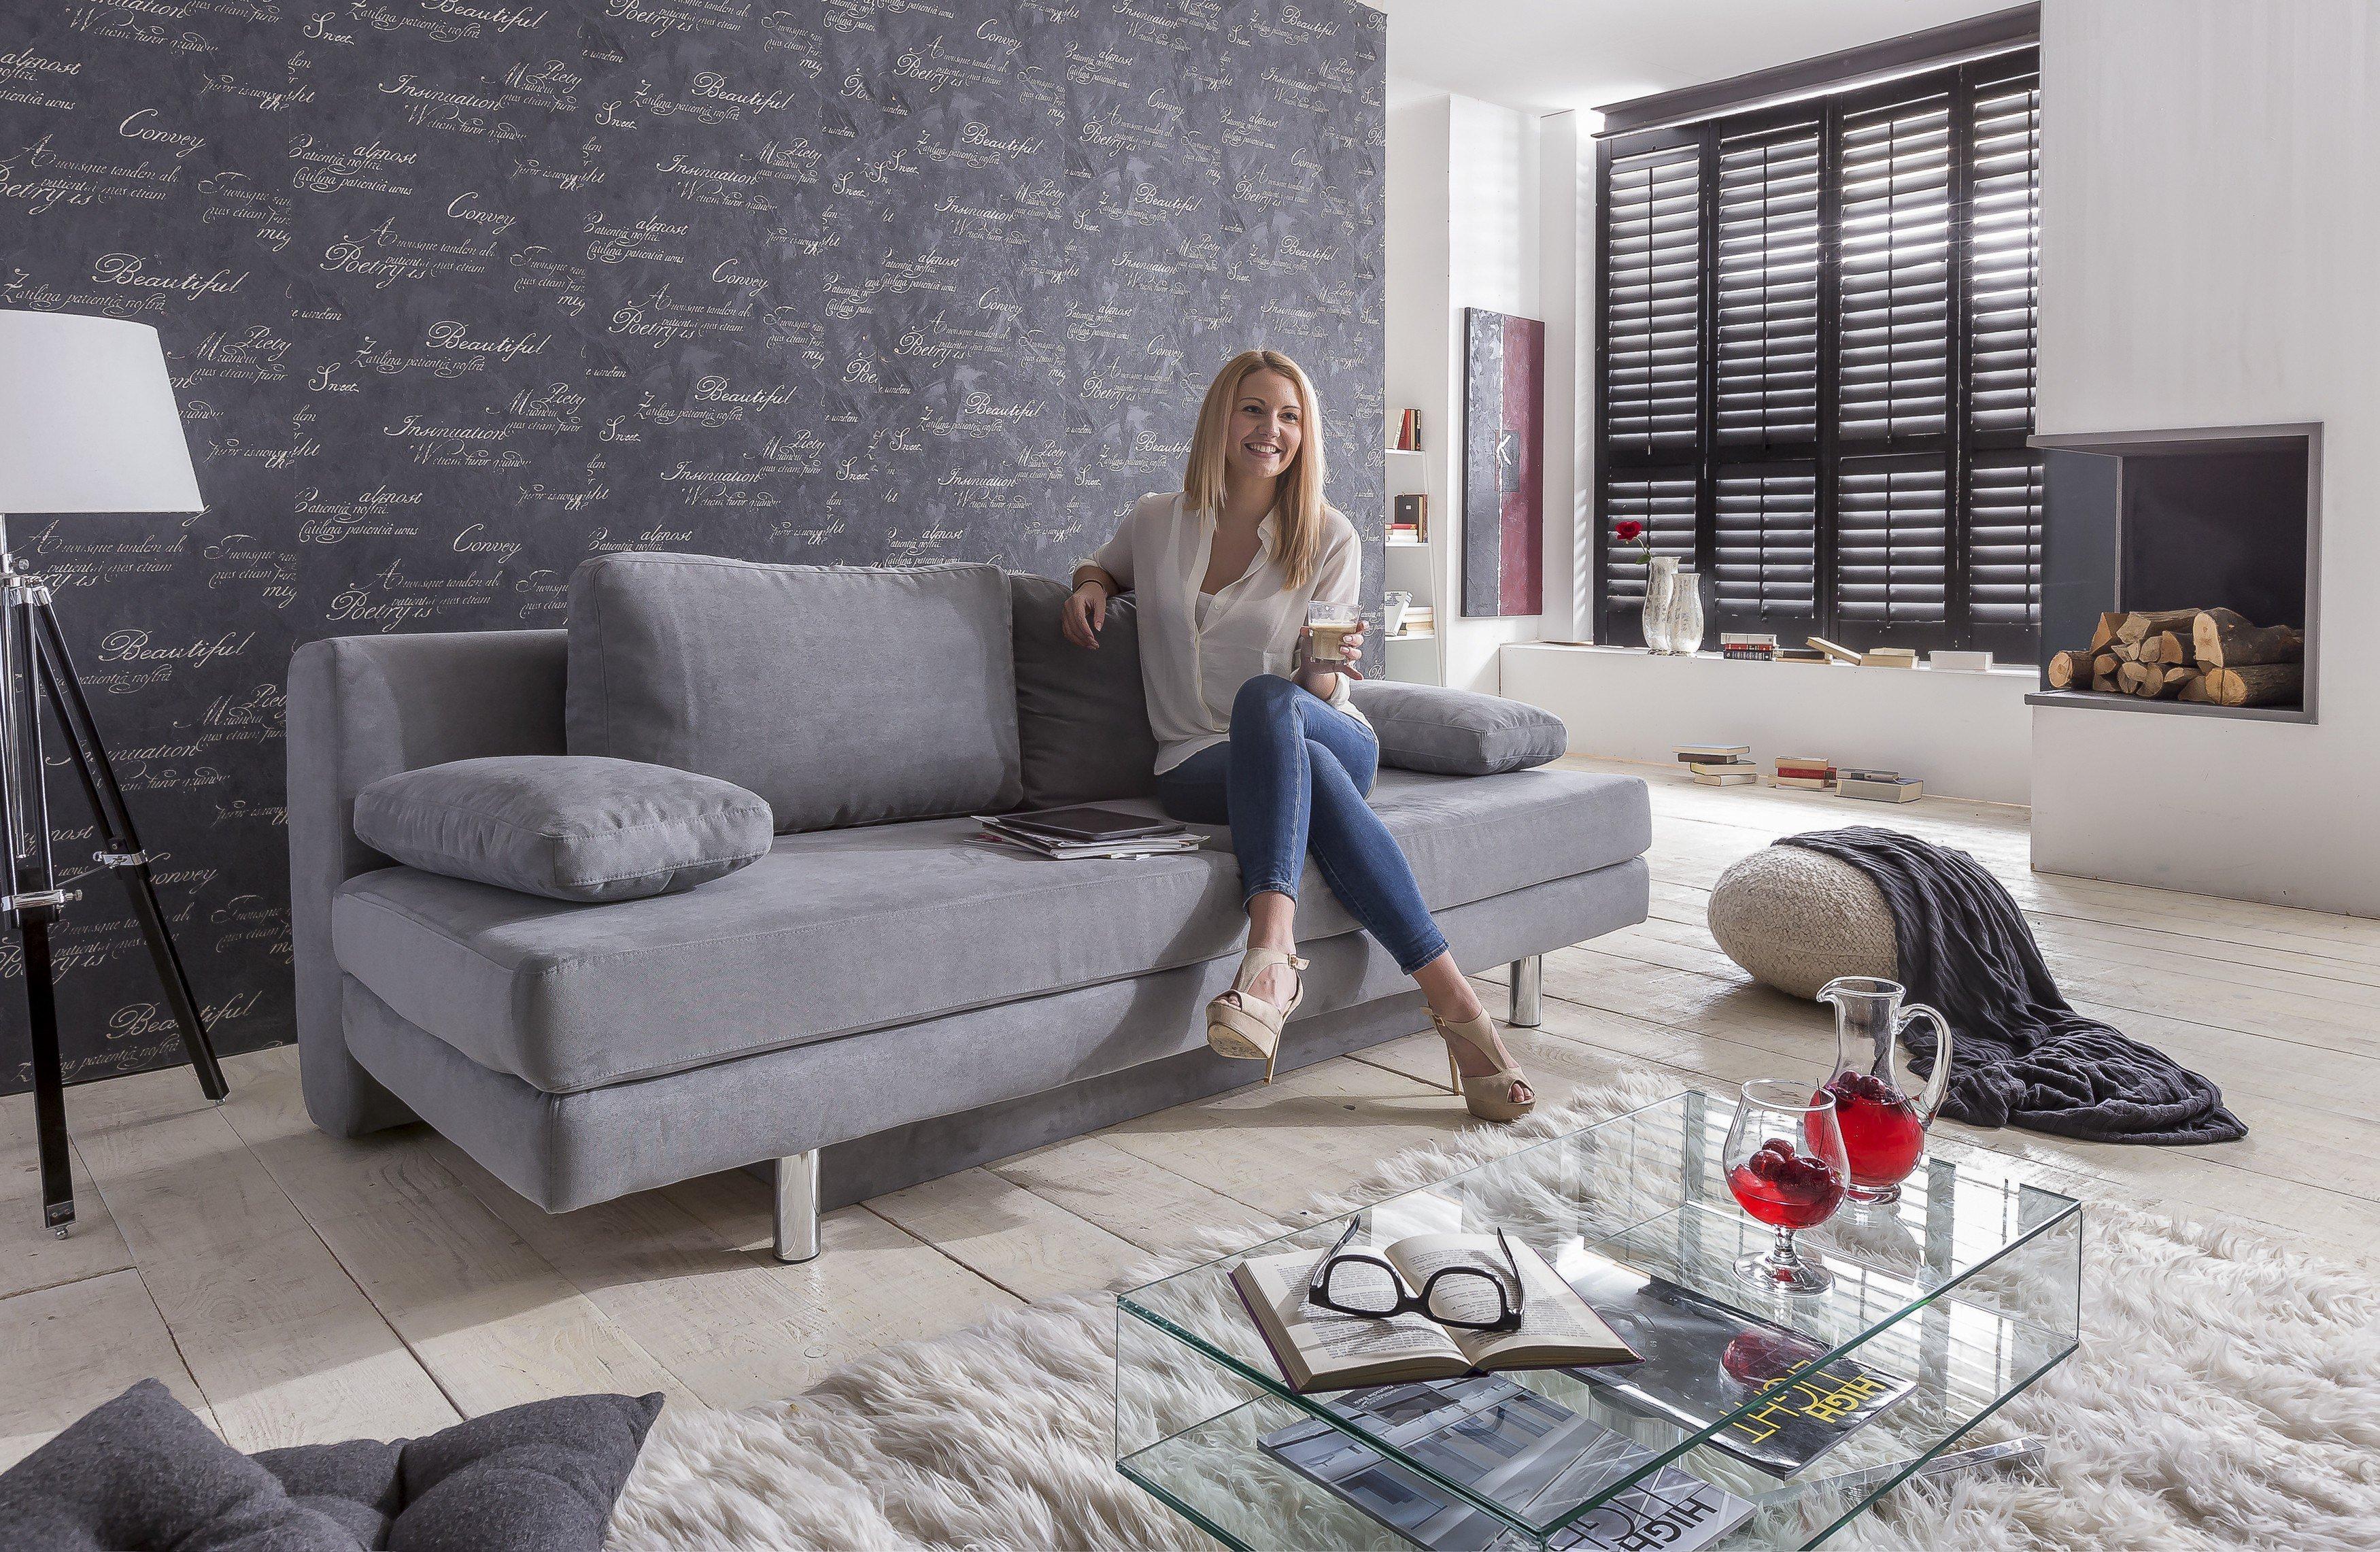 schlafsofa verena von goldammer in grau m bel letz ihr online shop. Black Bedroom Furniture Sets. Home Design Ideas